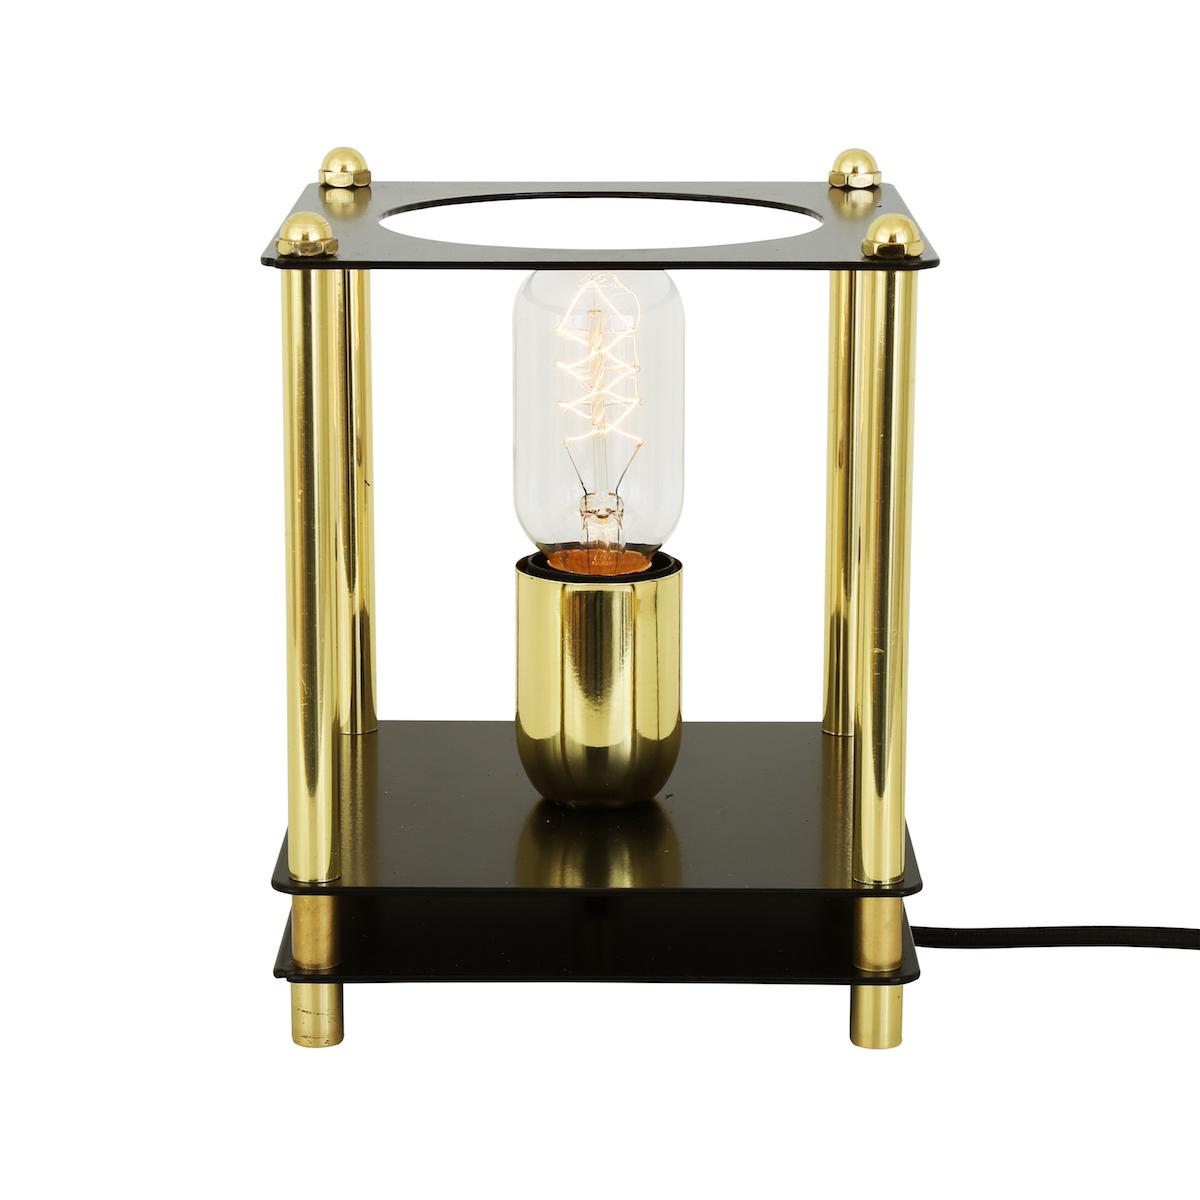 lighting design designer manufacturer manufacture bespoke light company